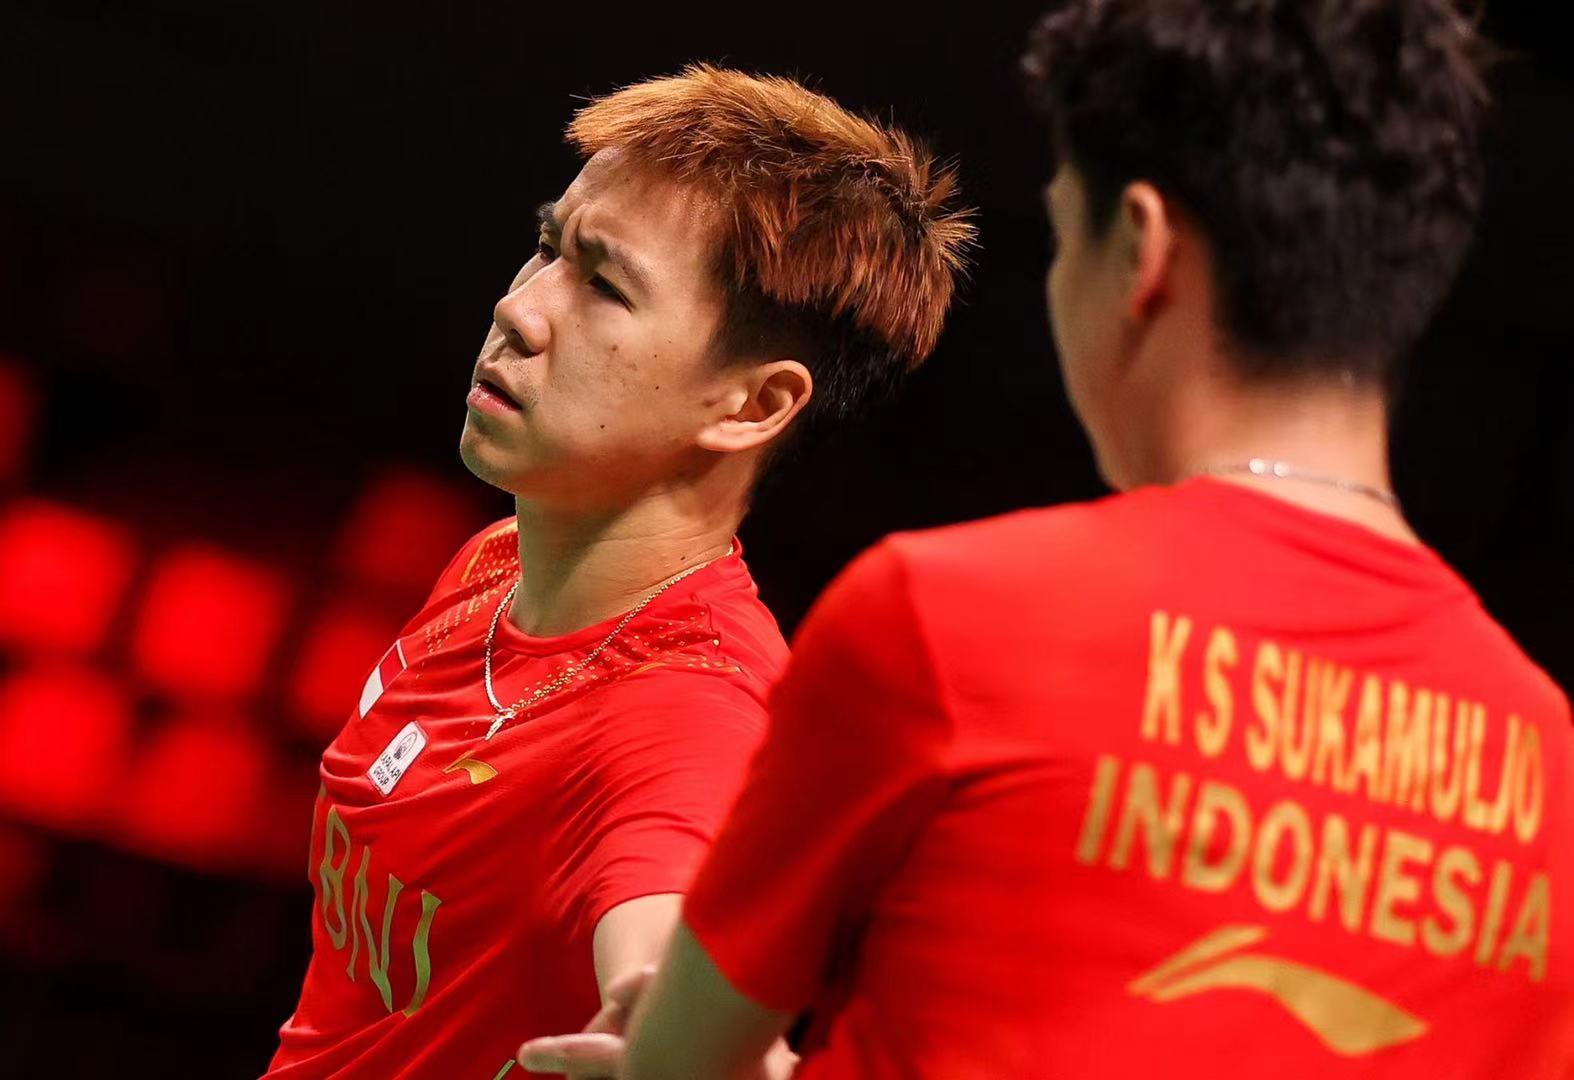 小黄人迷之状态,差点被泰国组合2-0送走